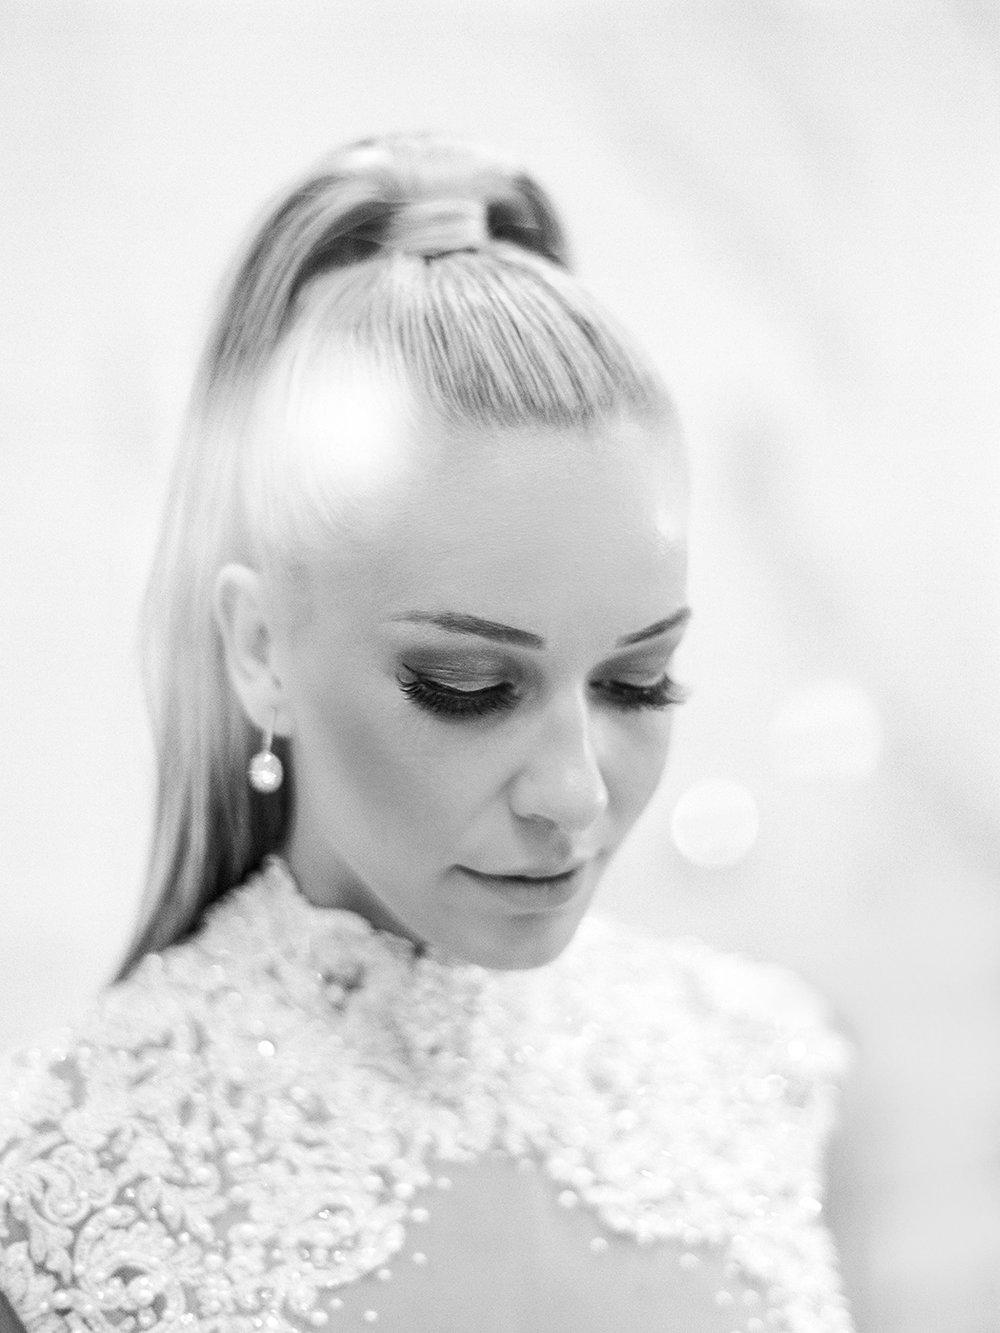 Ponytail Bride | Rensche Mari Photography